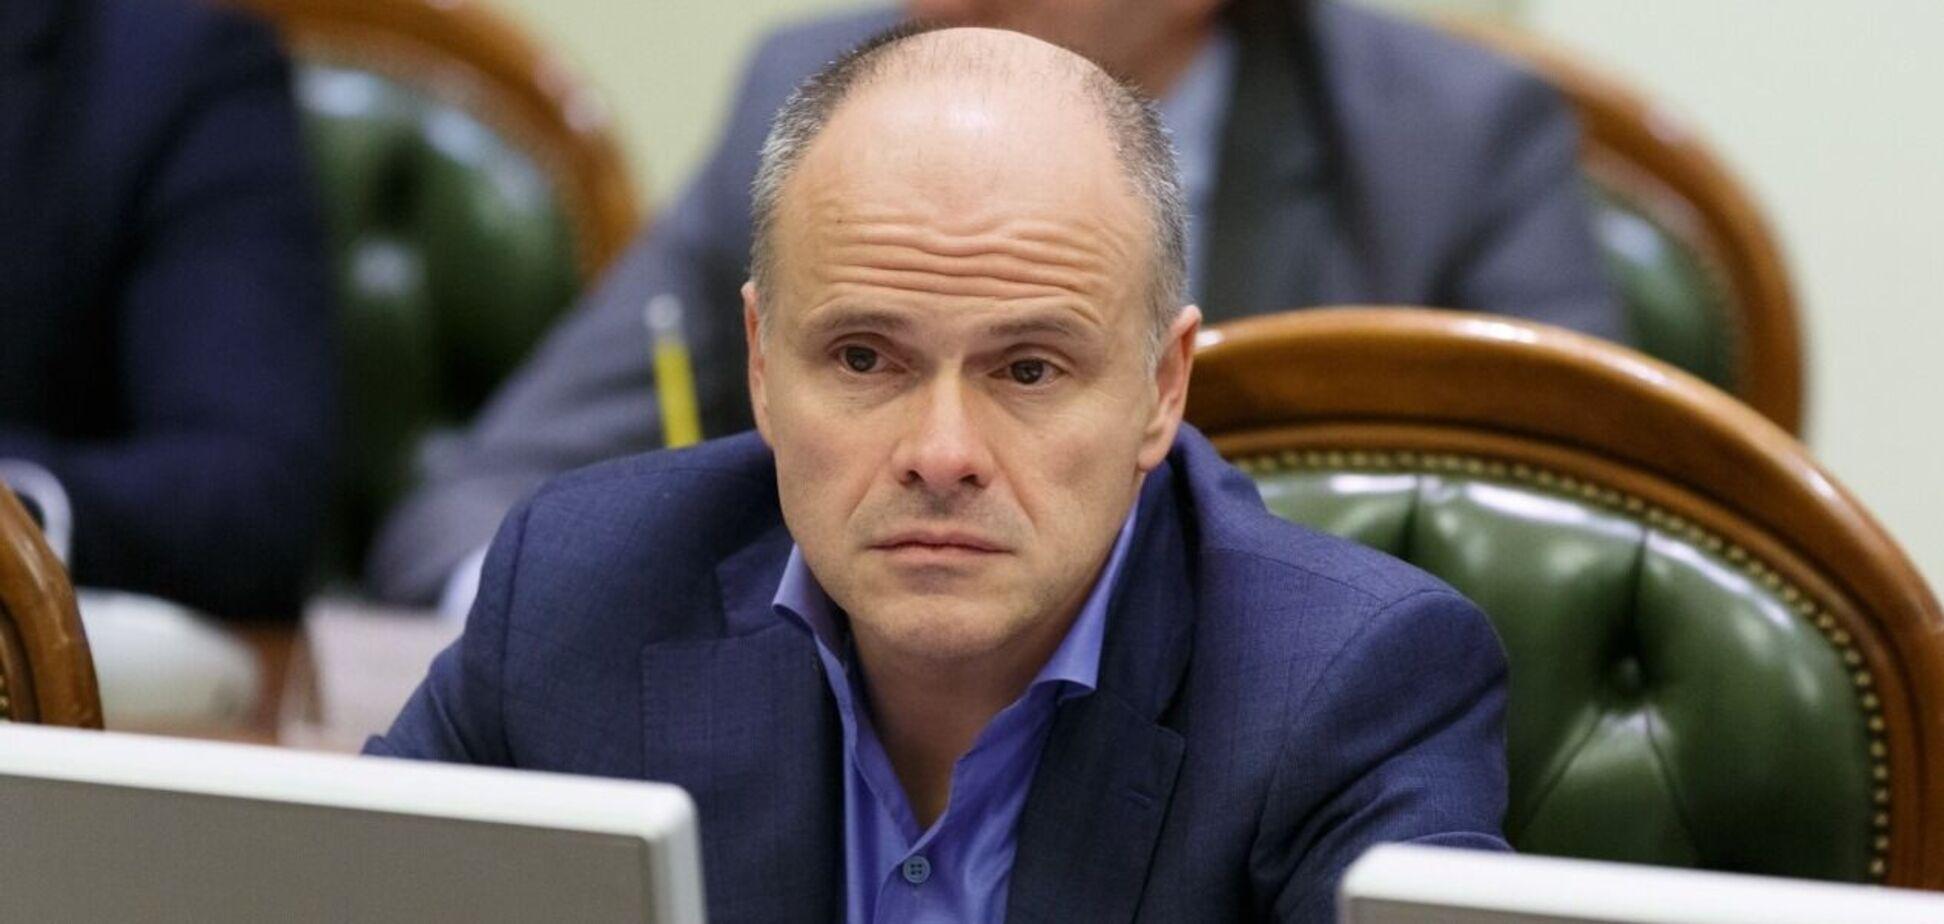 Радуцький спростував початок третьої хвилі коронавірусу в Україні, про який оголосив Шмигаль. Відео